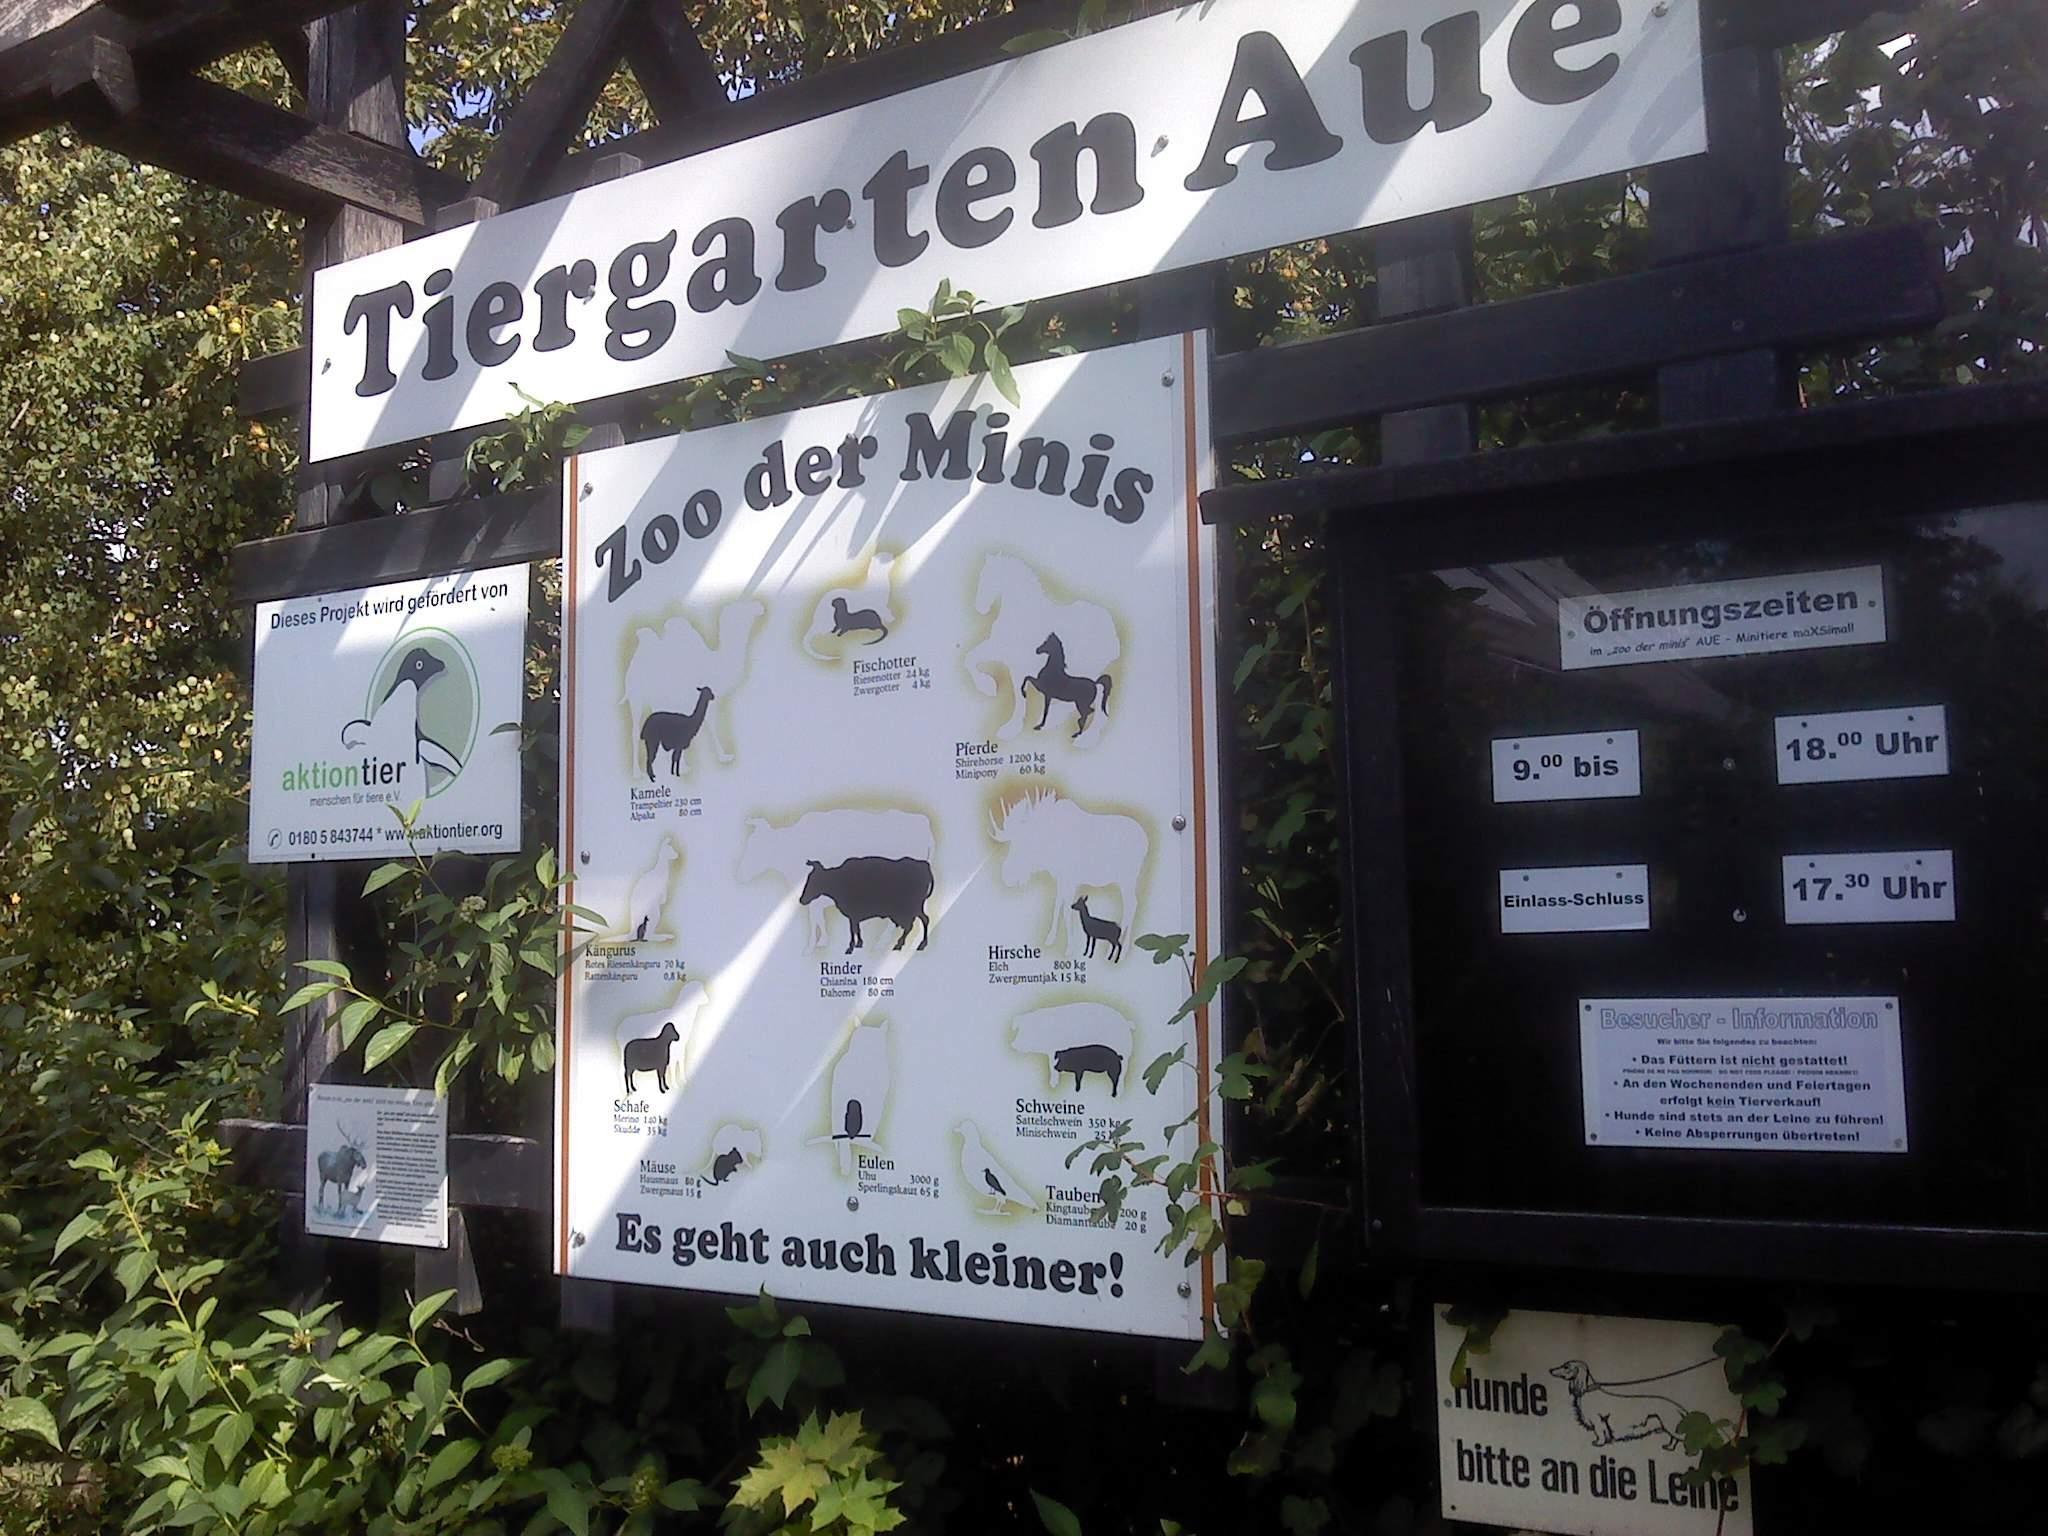 Zoo der Minis aue 2012 09 08 ama fec 1